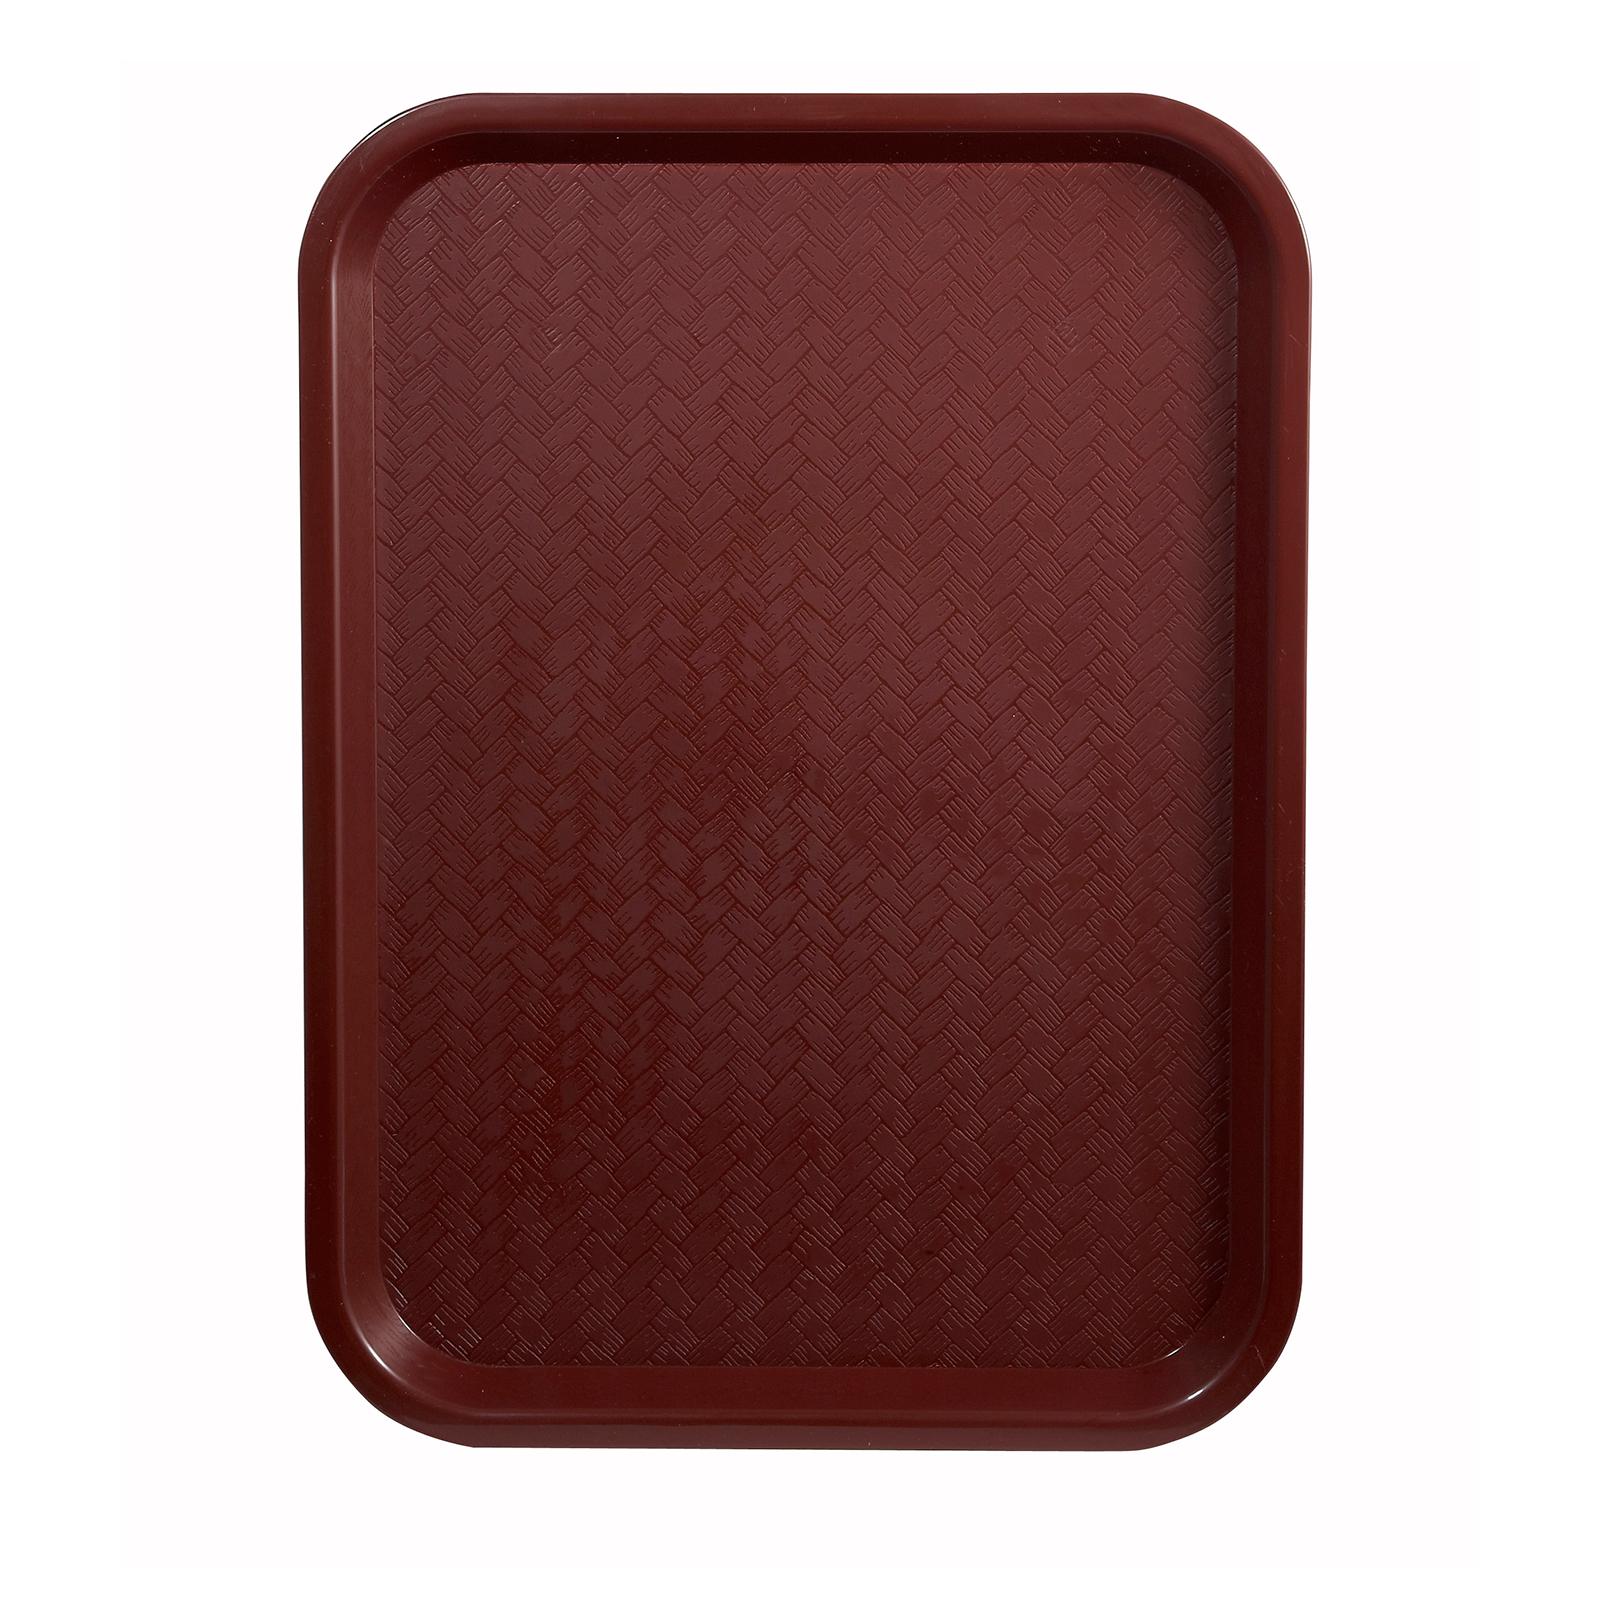 Winco FFT-1014U tray, fast food